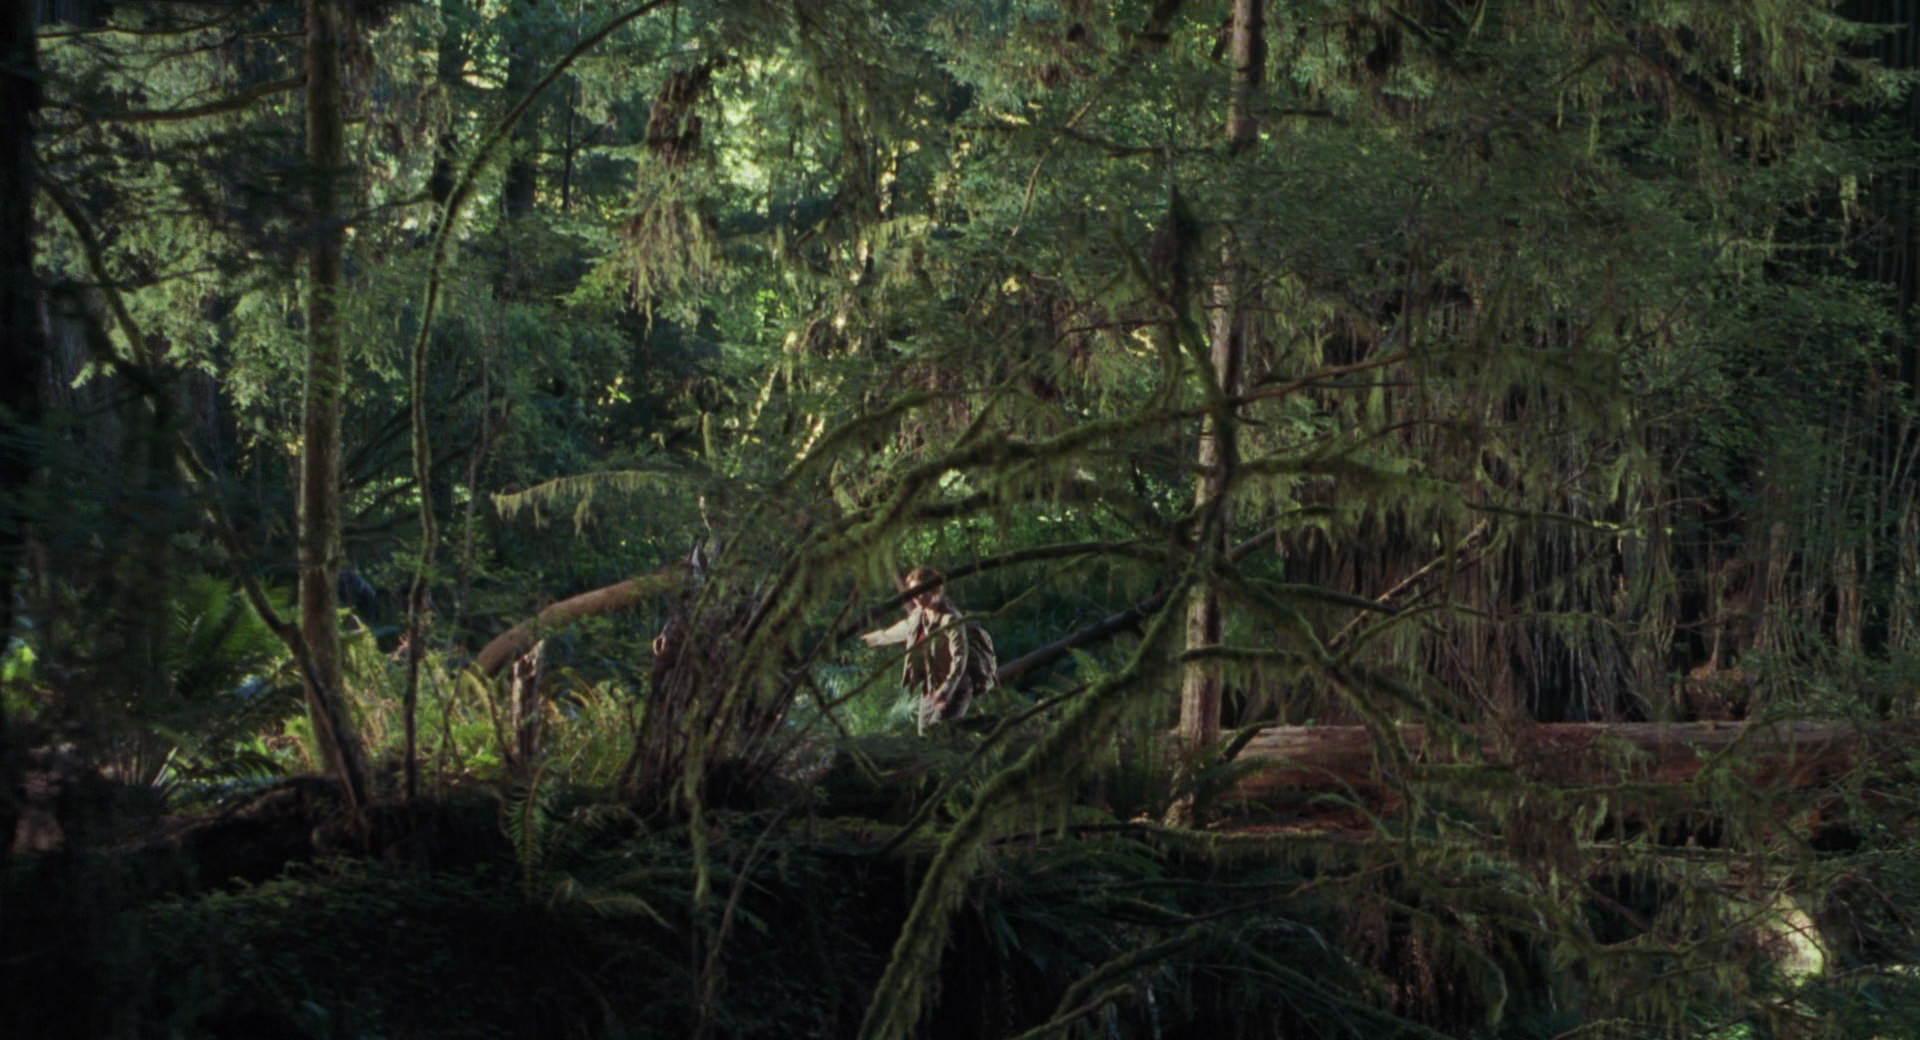 The Lost World Jurassic Park Screencaps are here Jurassic-lost-world-movie-screencaps.com-3308